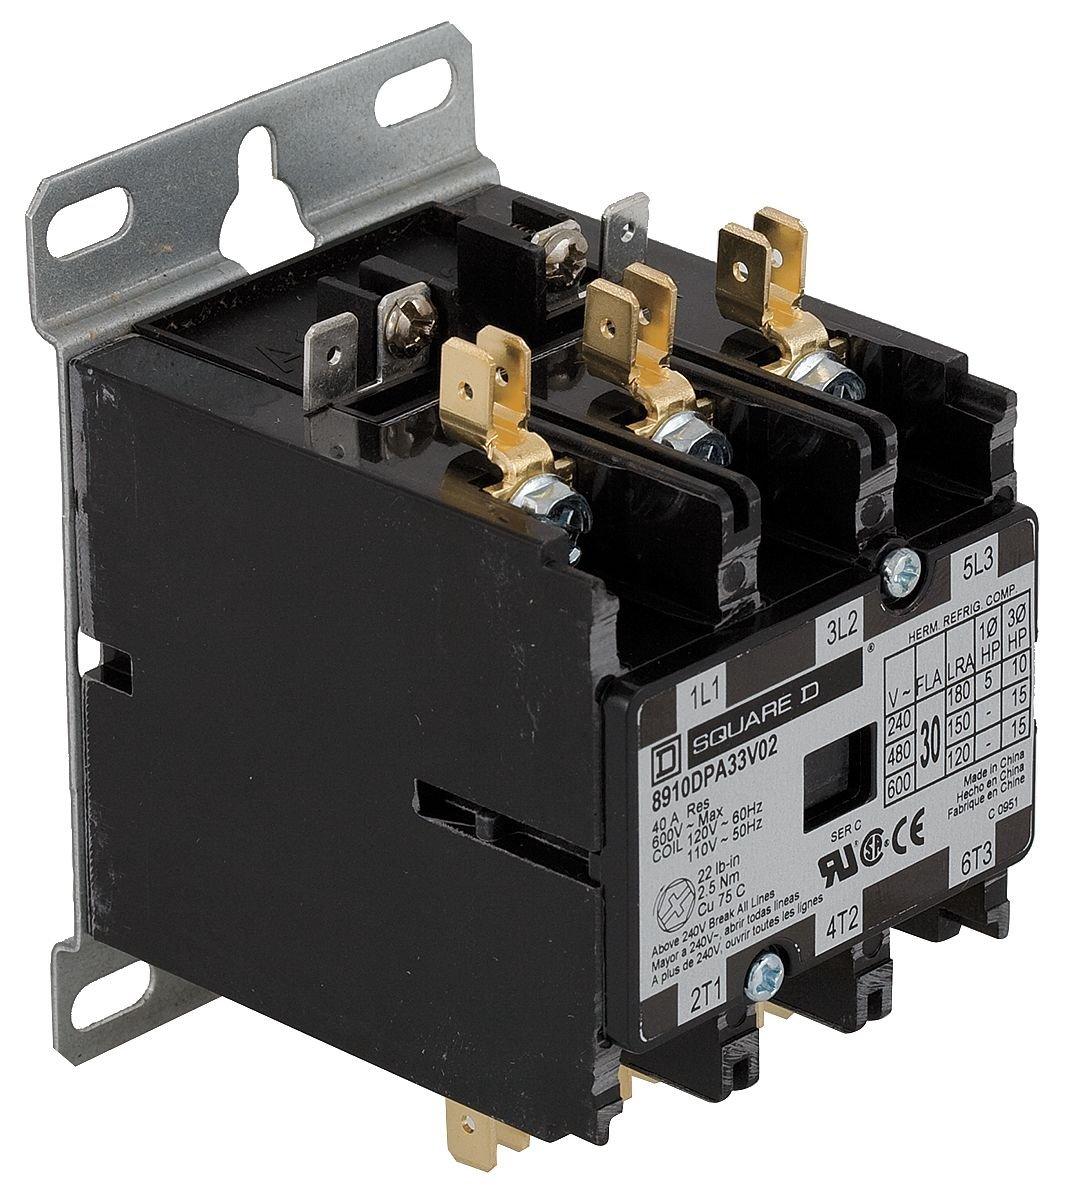 new Square D Contactor 25 Amps 3 pole 24 volt coil 8910DPA23